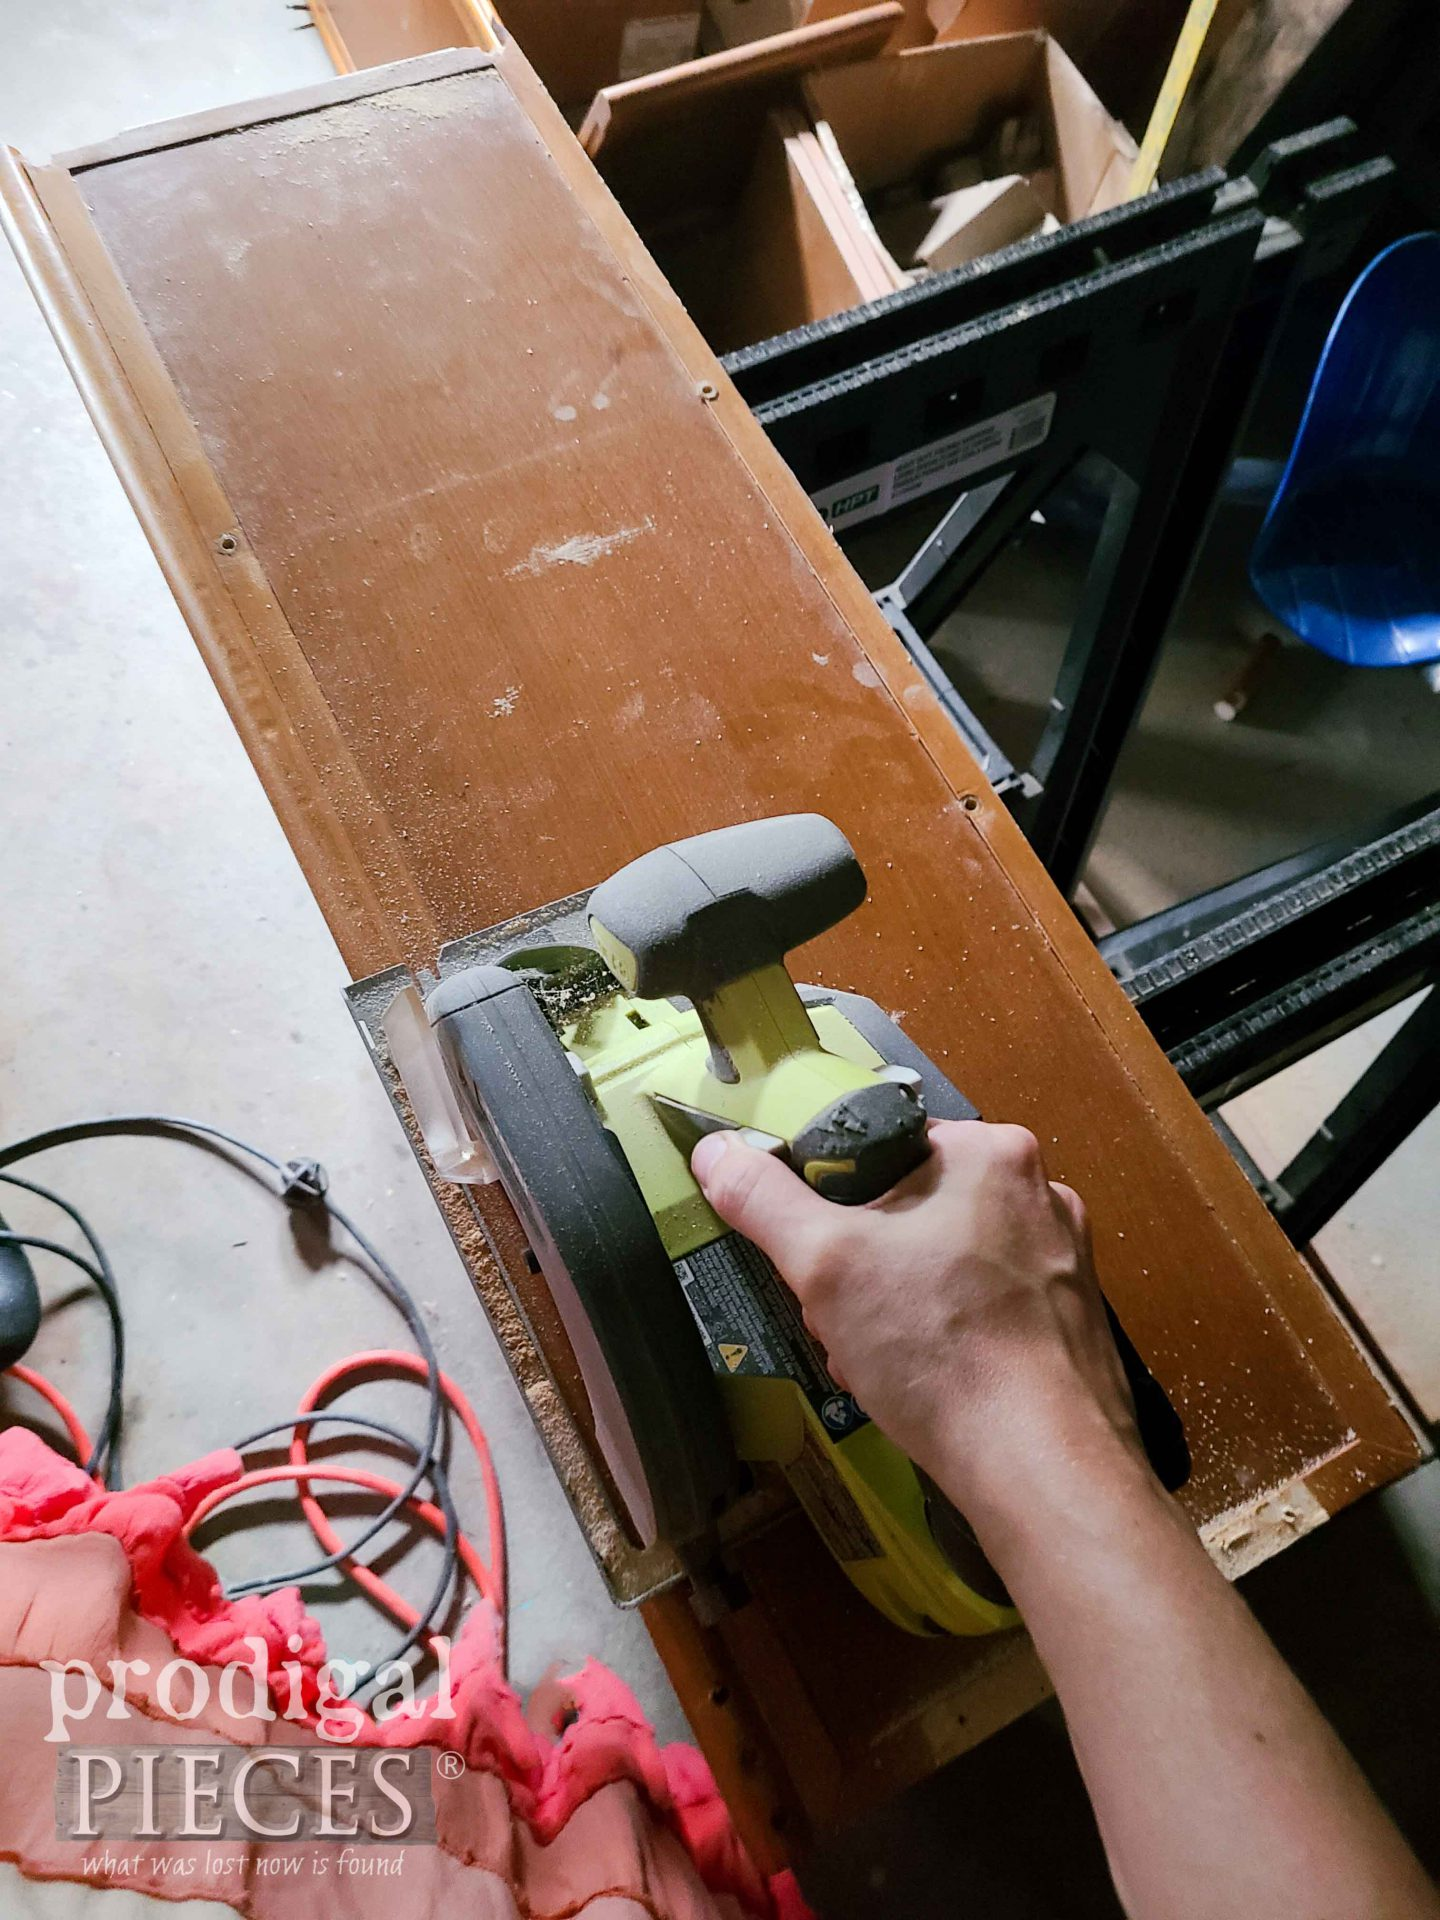 Using Circular Saw to Cut Broken Furniture | prodigalpieces.com